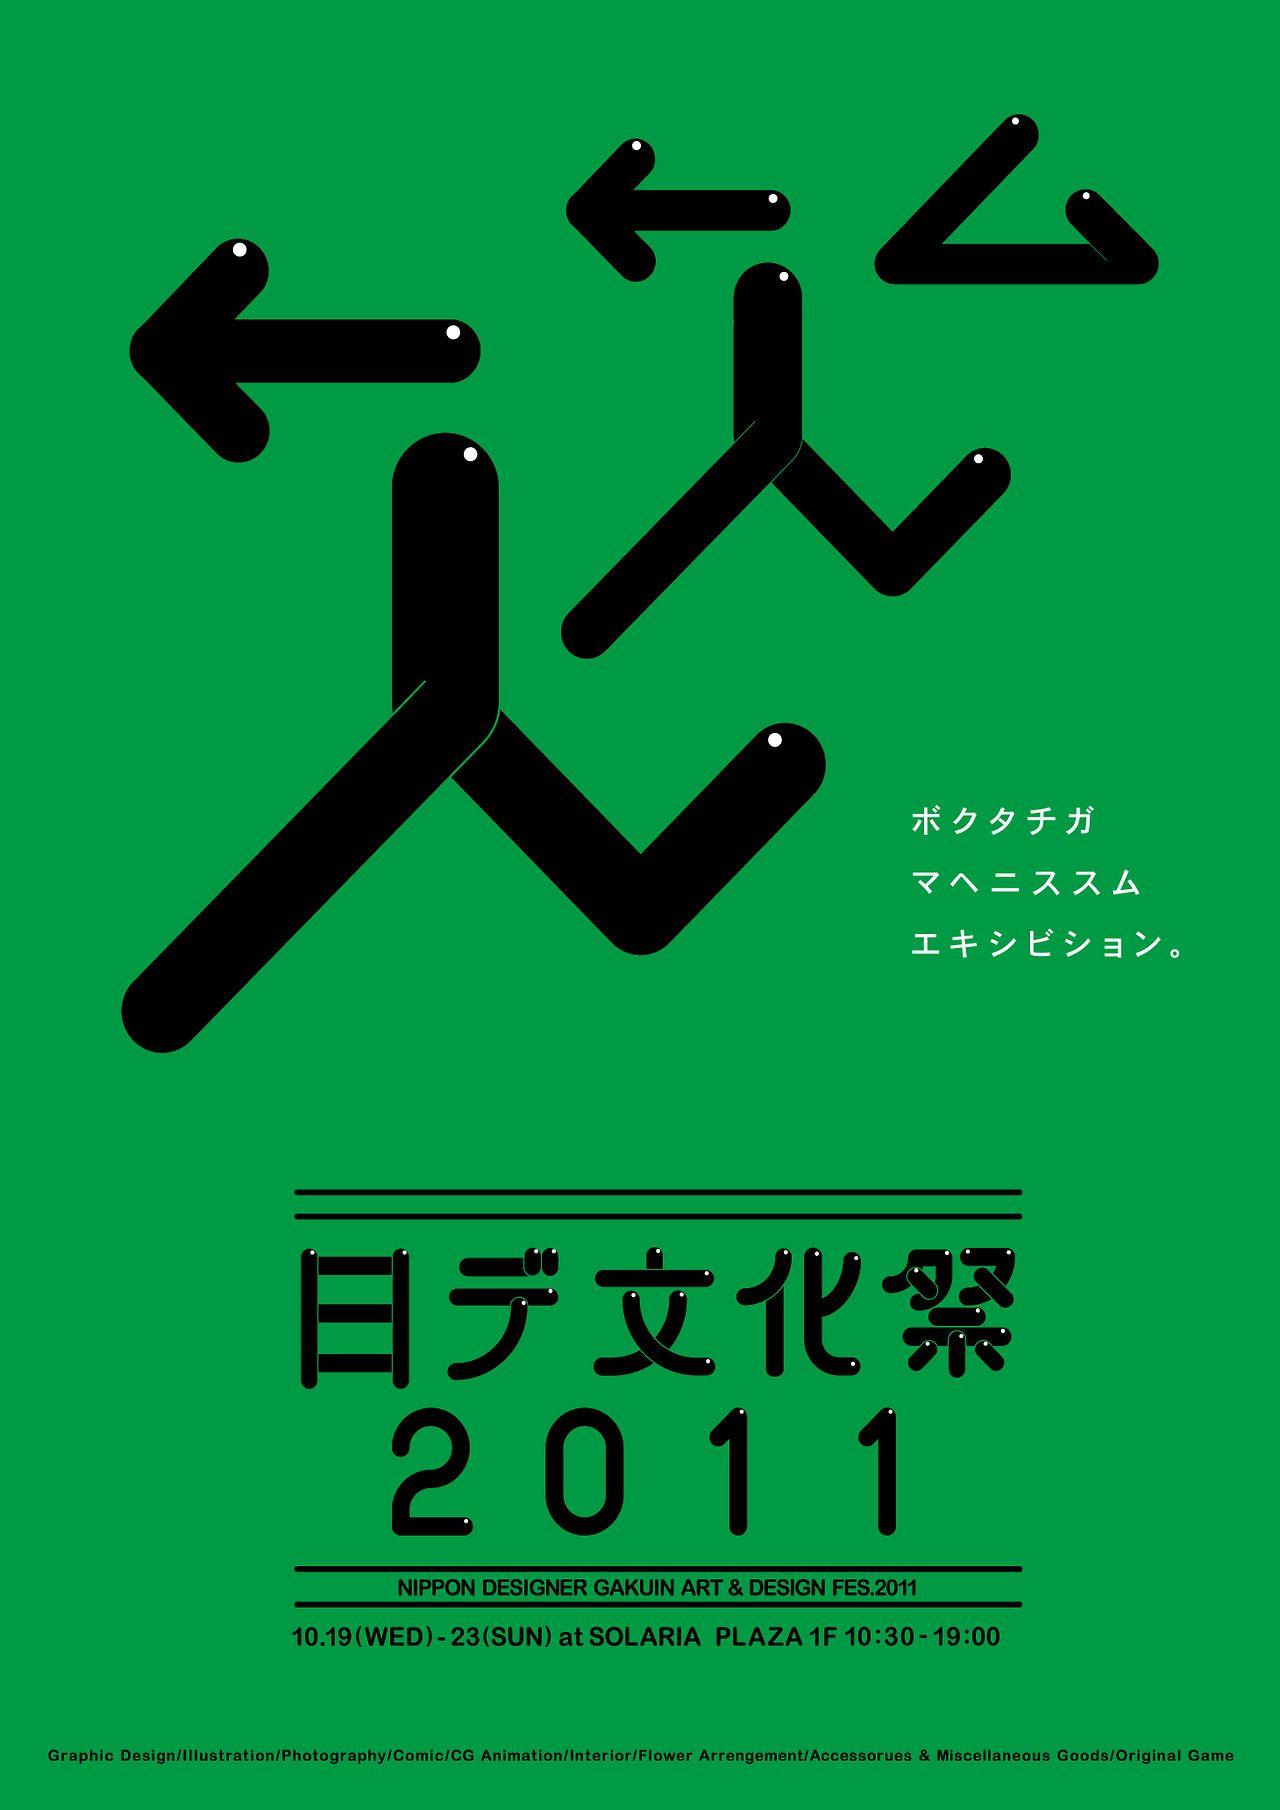 Poster design reference - Japanese Exhibition Poster Design Fes 2011 Yanase Kosuke 2013